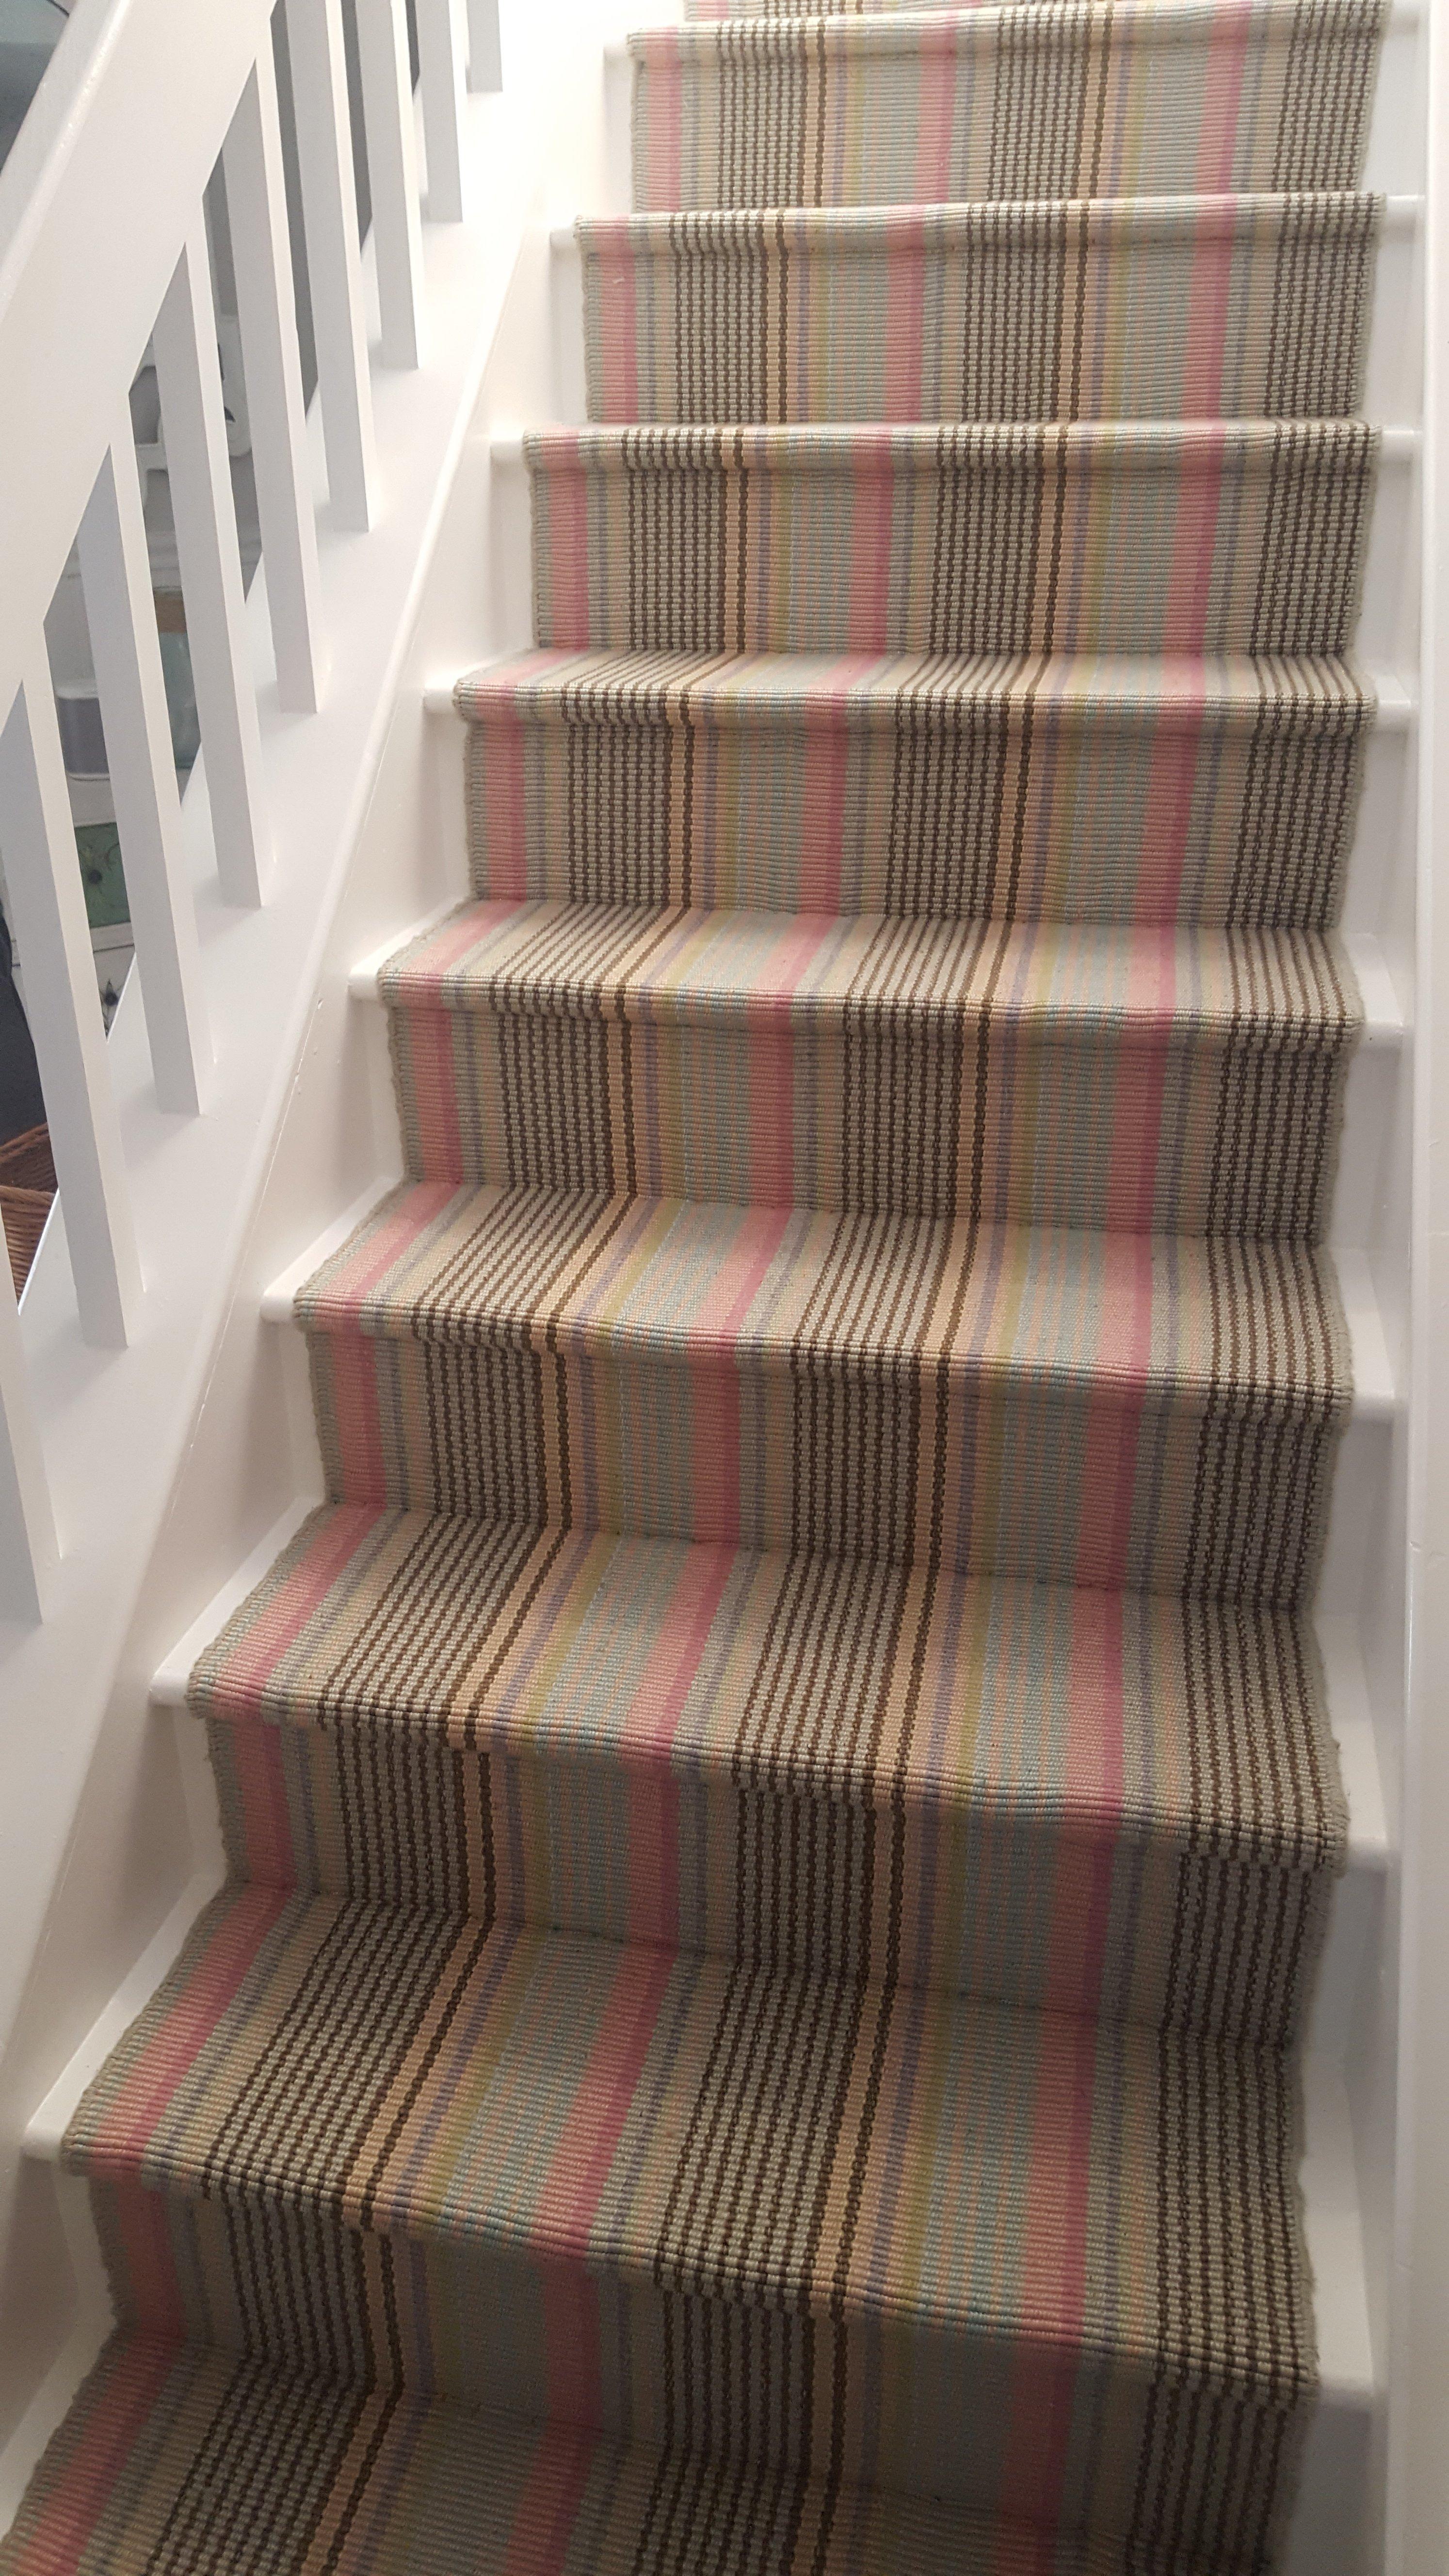 Installed Carpet Runners On Stairs In Sea Isle City NJ   Carpet Repair By  Ken